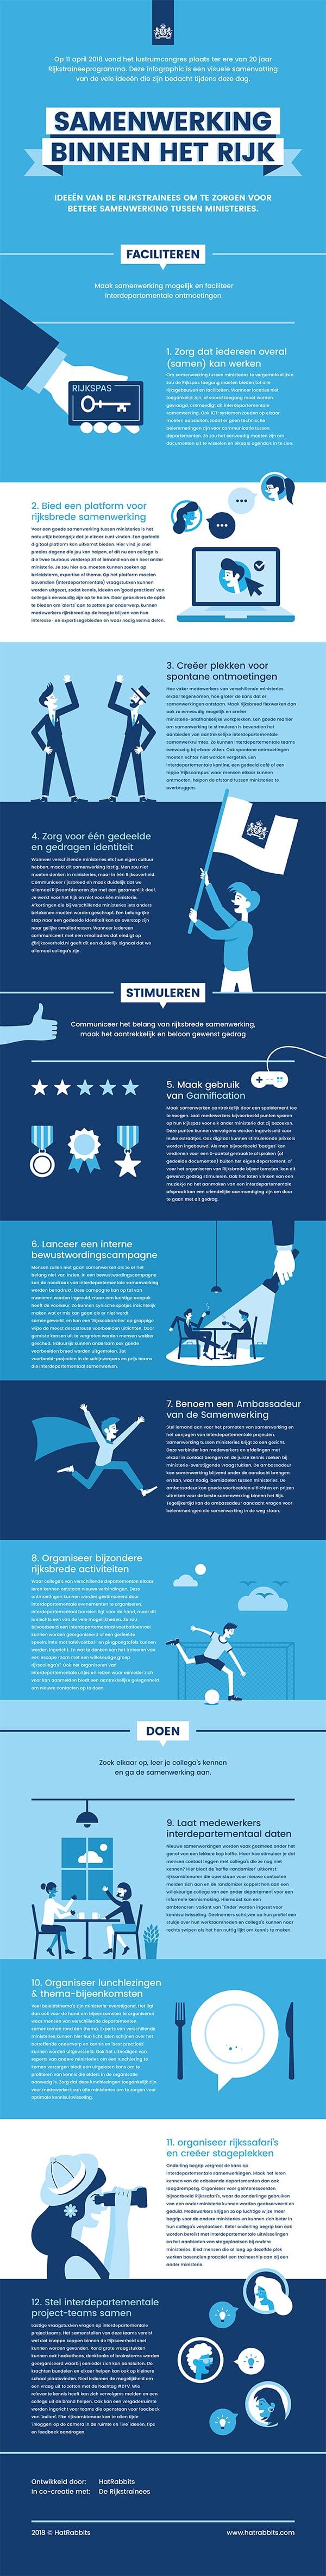 Infographic 20 jaar Rijkstraineeprogramma Lustrumcongres – HatRa